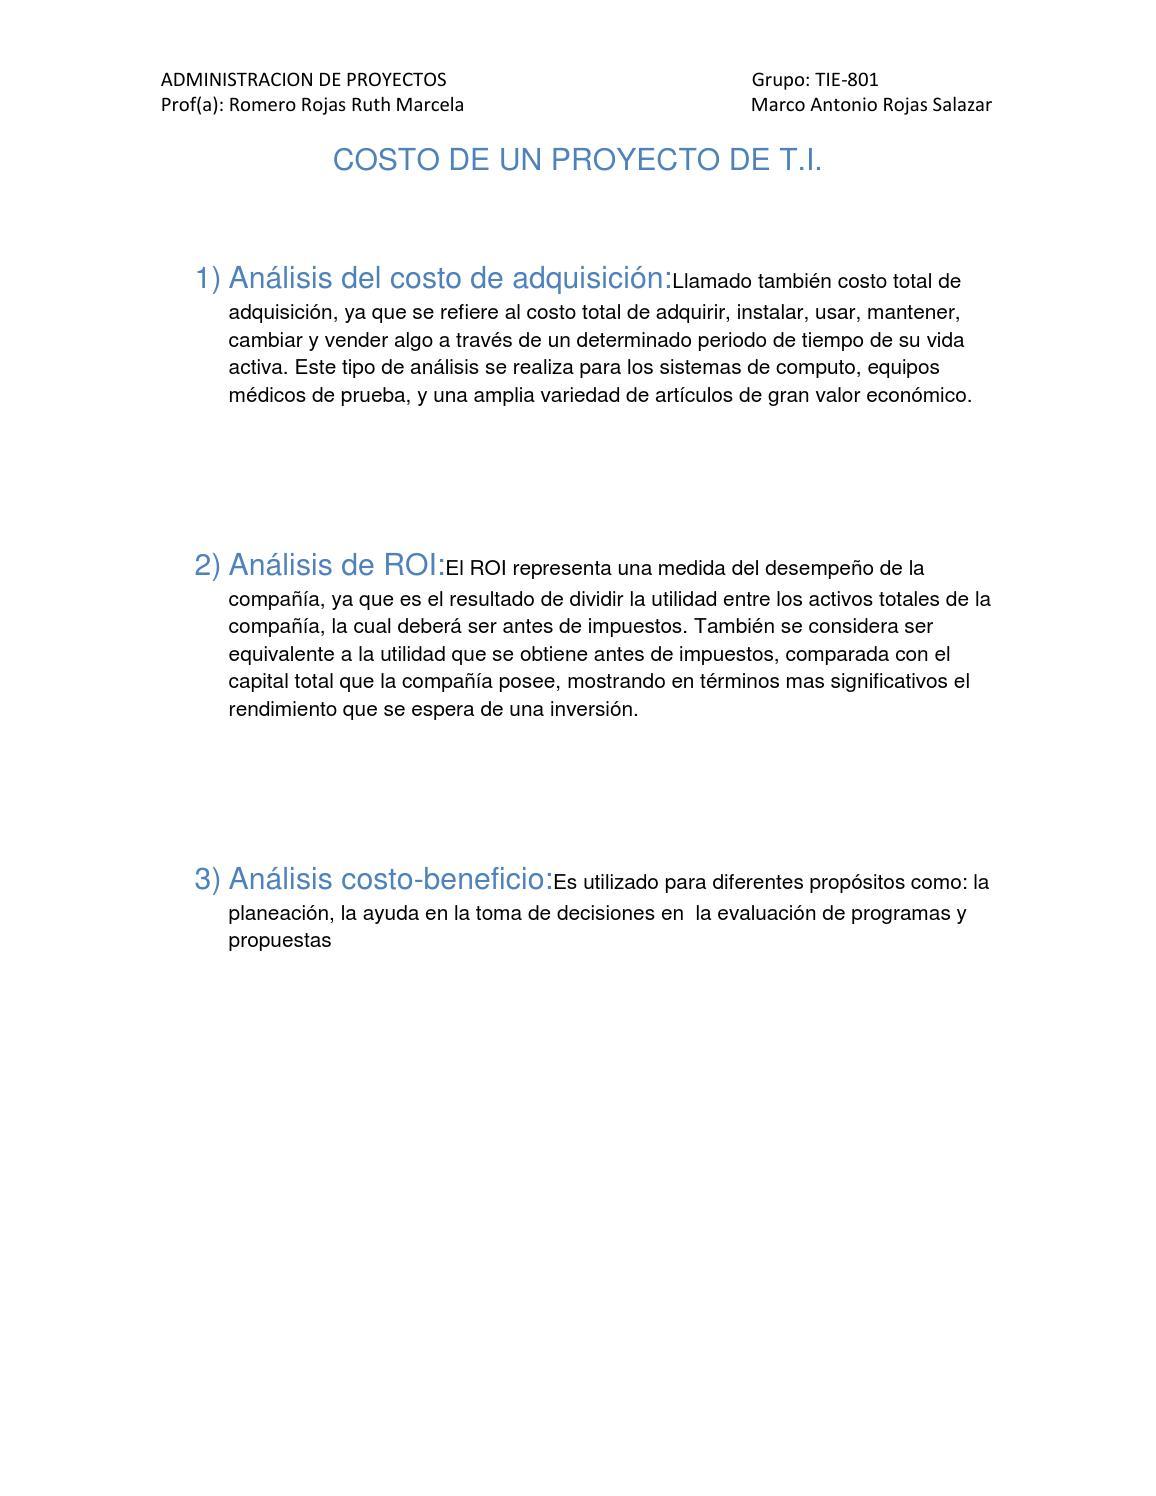 Costo de un proyecto de t by MARCO - issuu